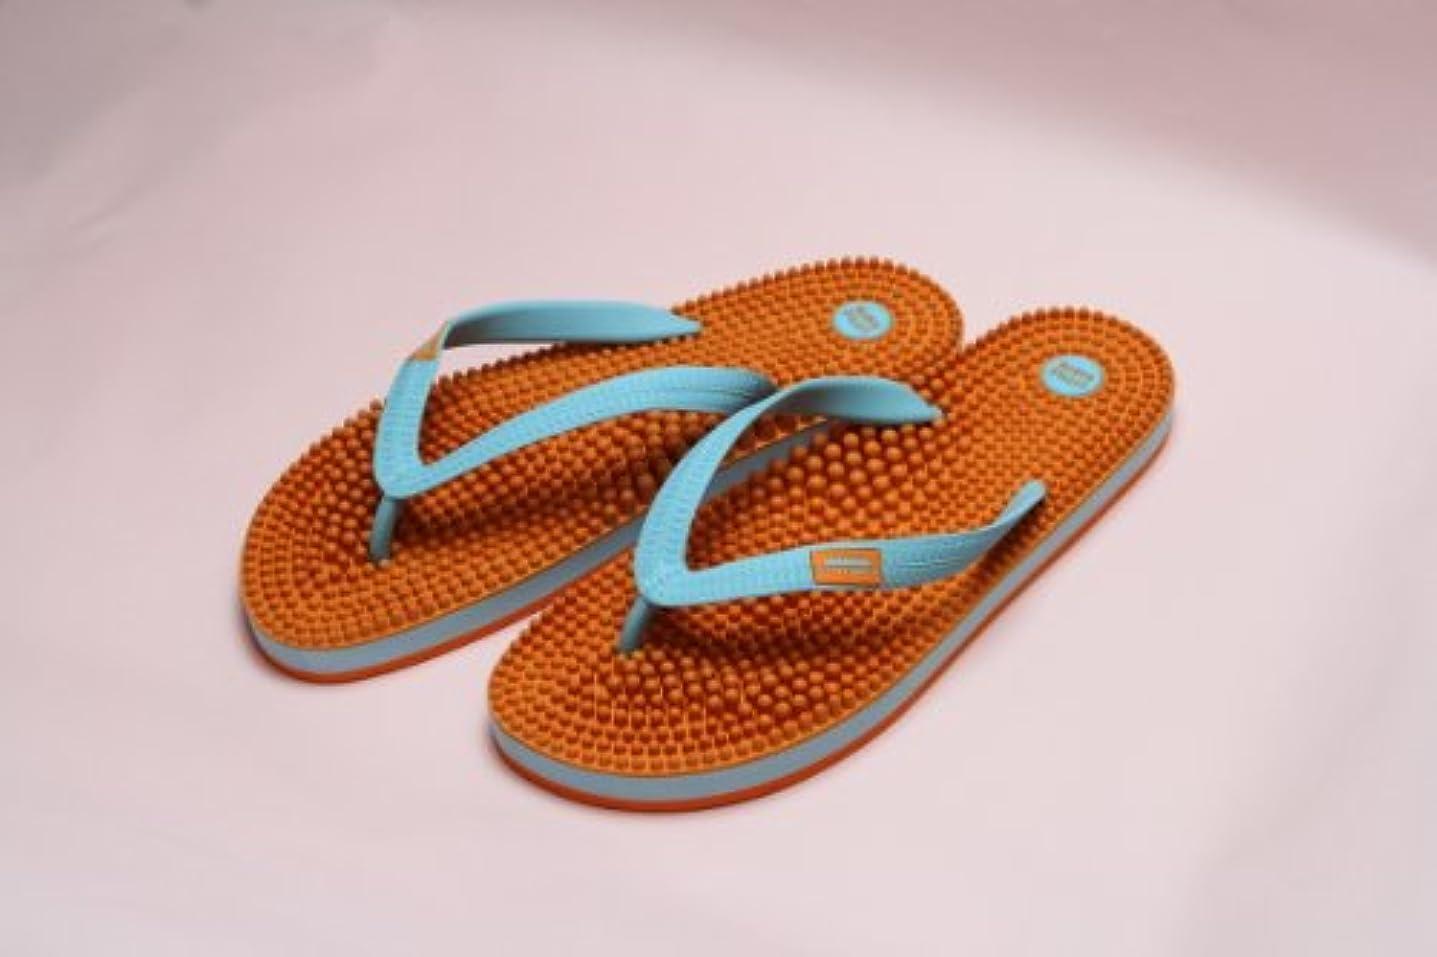 リークランタンバックグラウンドリトルアース ボディポップ(body+pop) ビーチ(BeacH) 5002 オレンジ/ターコイズ 27cm